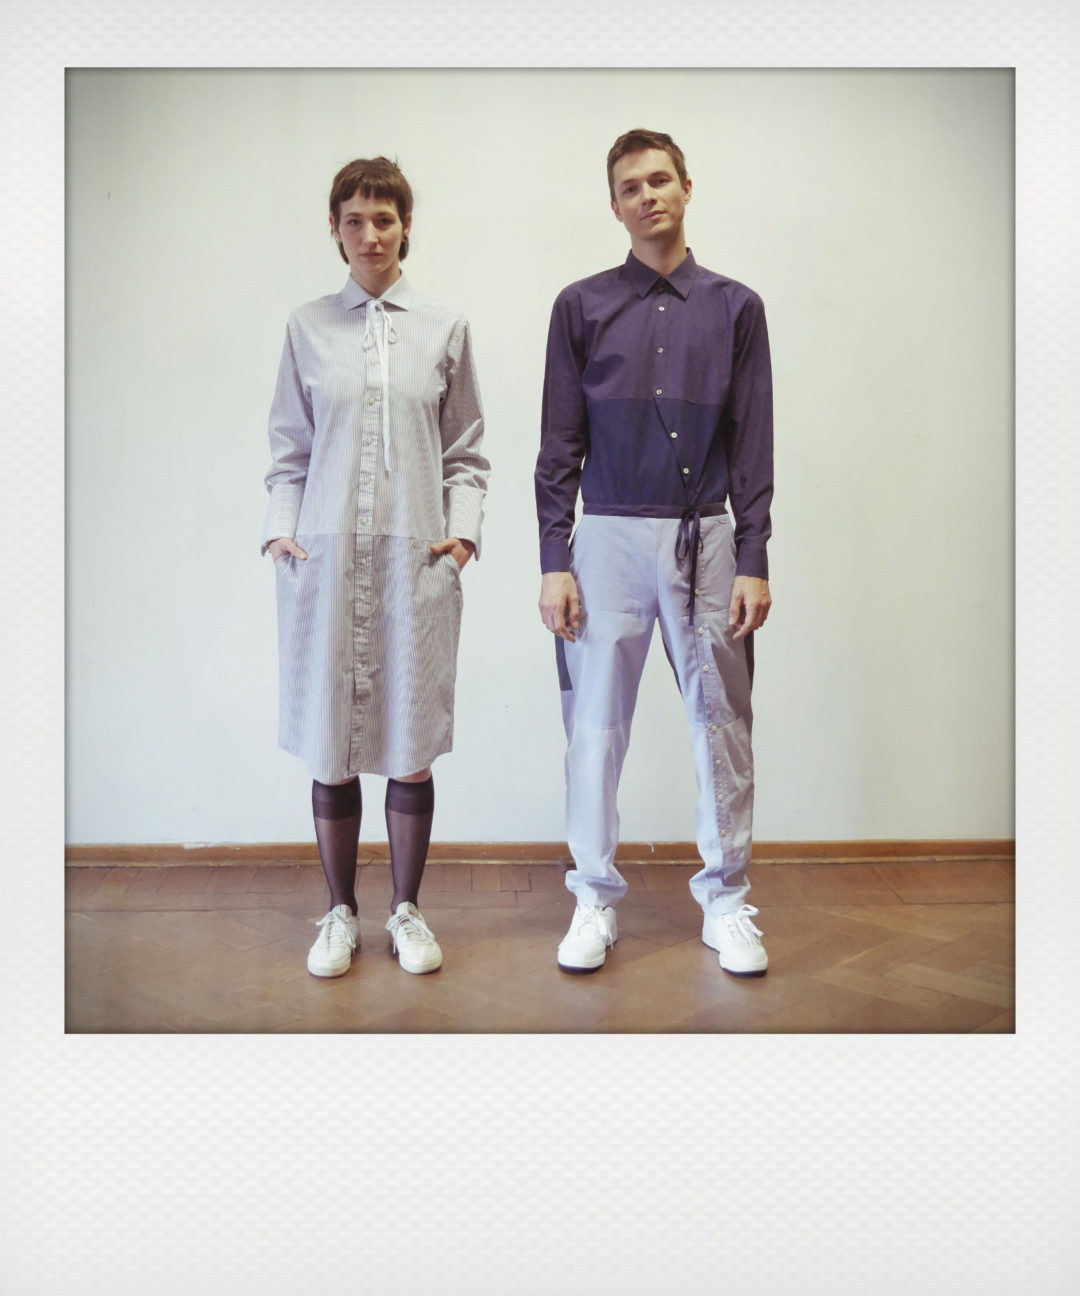 Upcycling Mode mit Style: Designs von Gerda Tetzlove